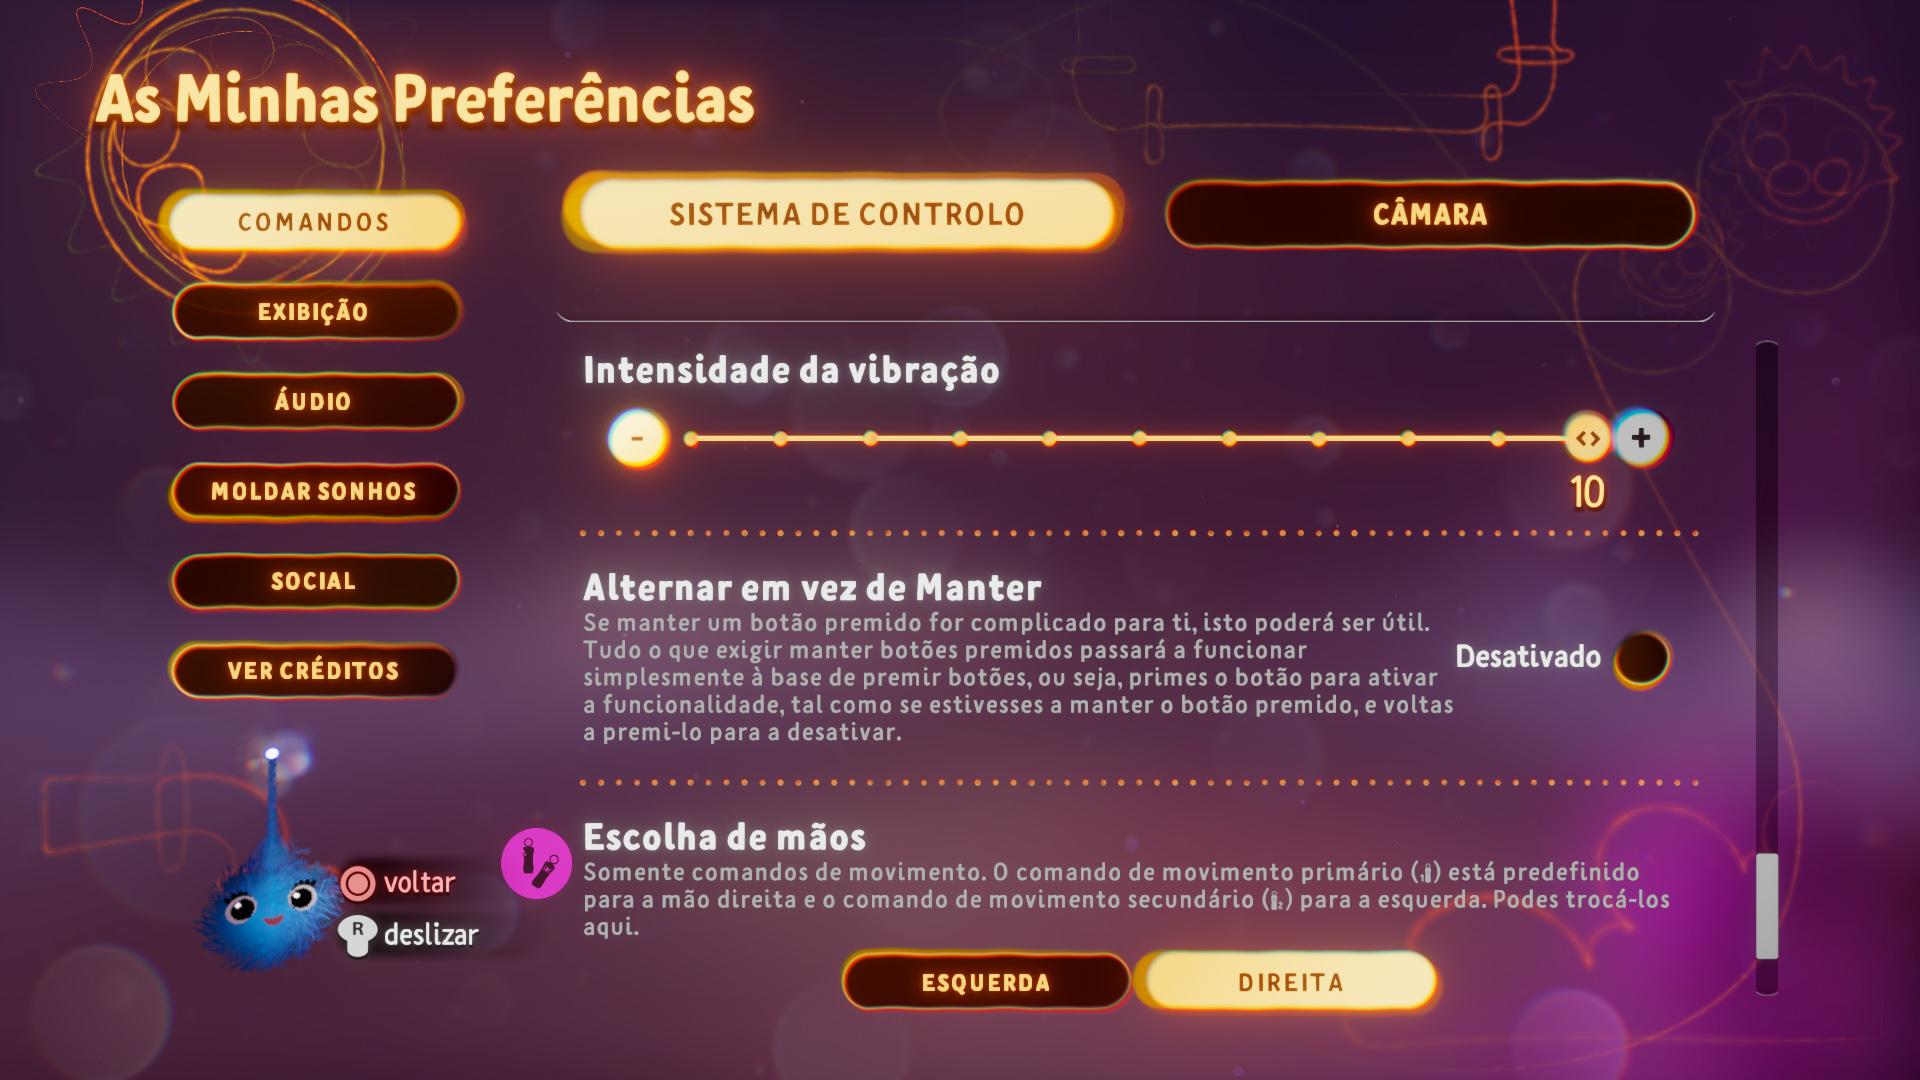 Captura de ecrã a mostrar as opções que podem ser ativadas ao premir botões no menu de Preferências